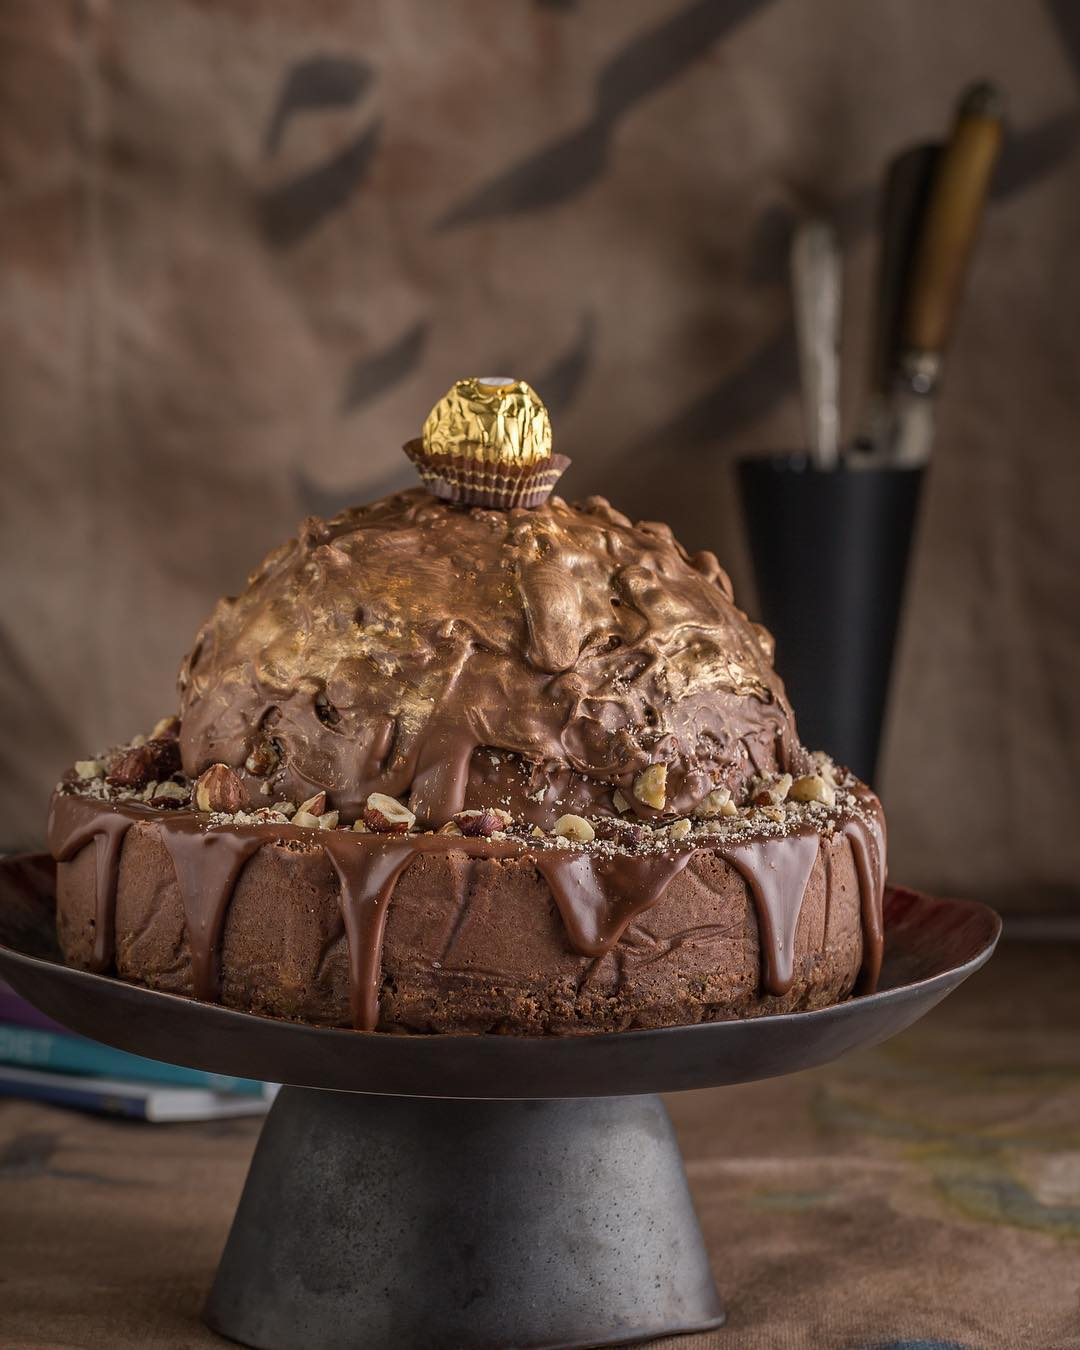 The Ferrero Rocher Cheese Cake